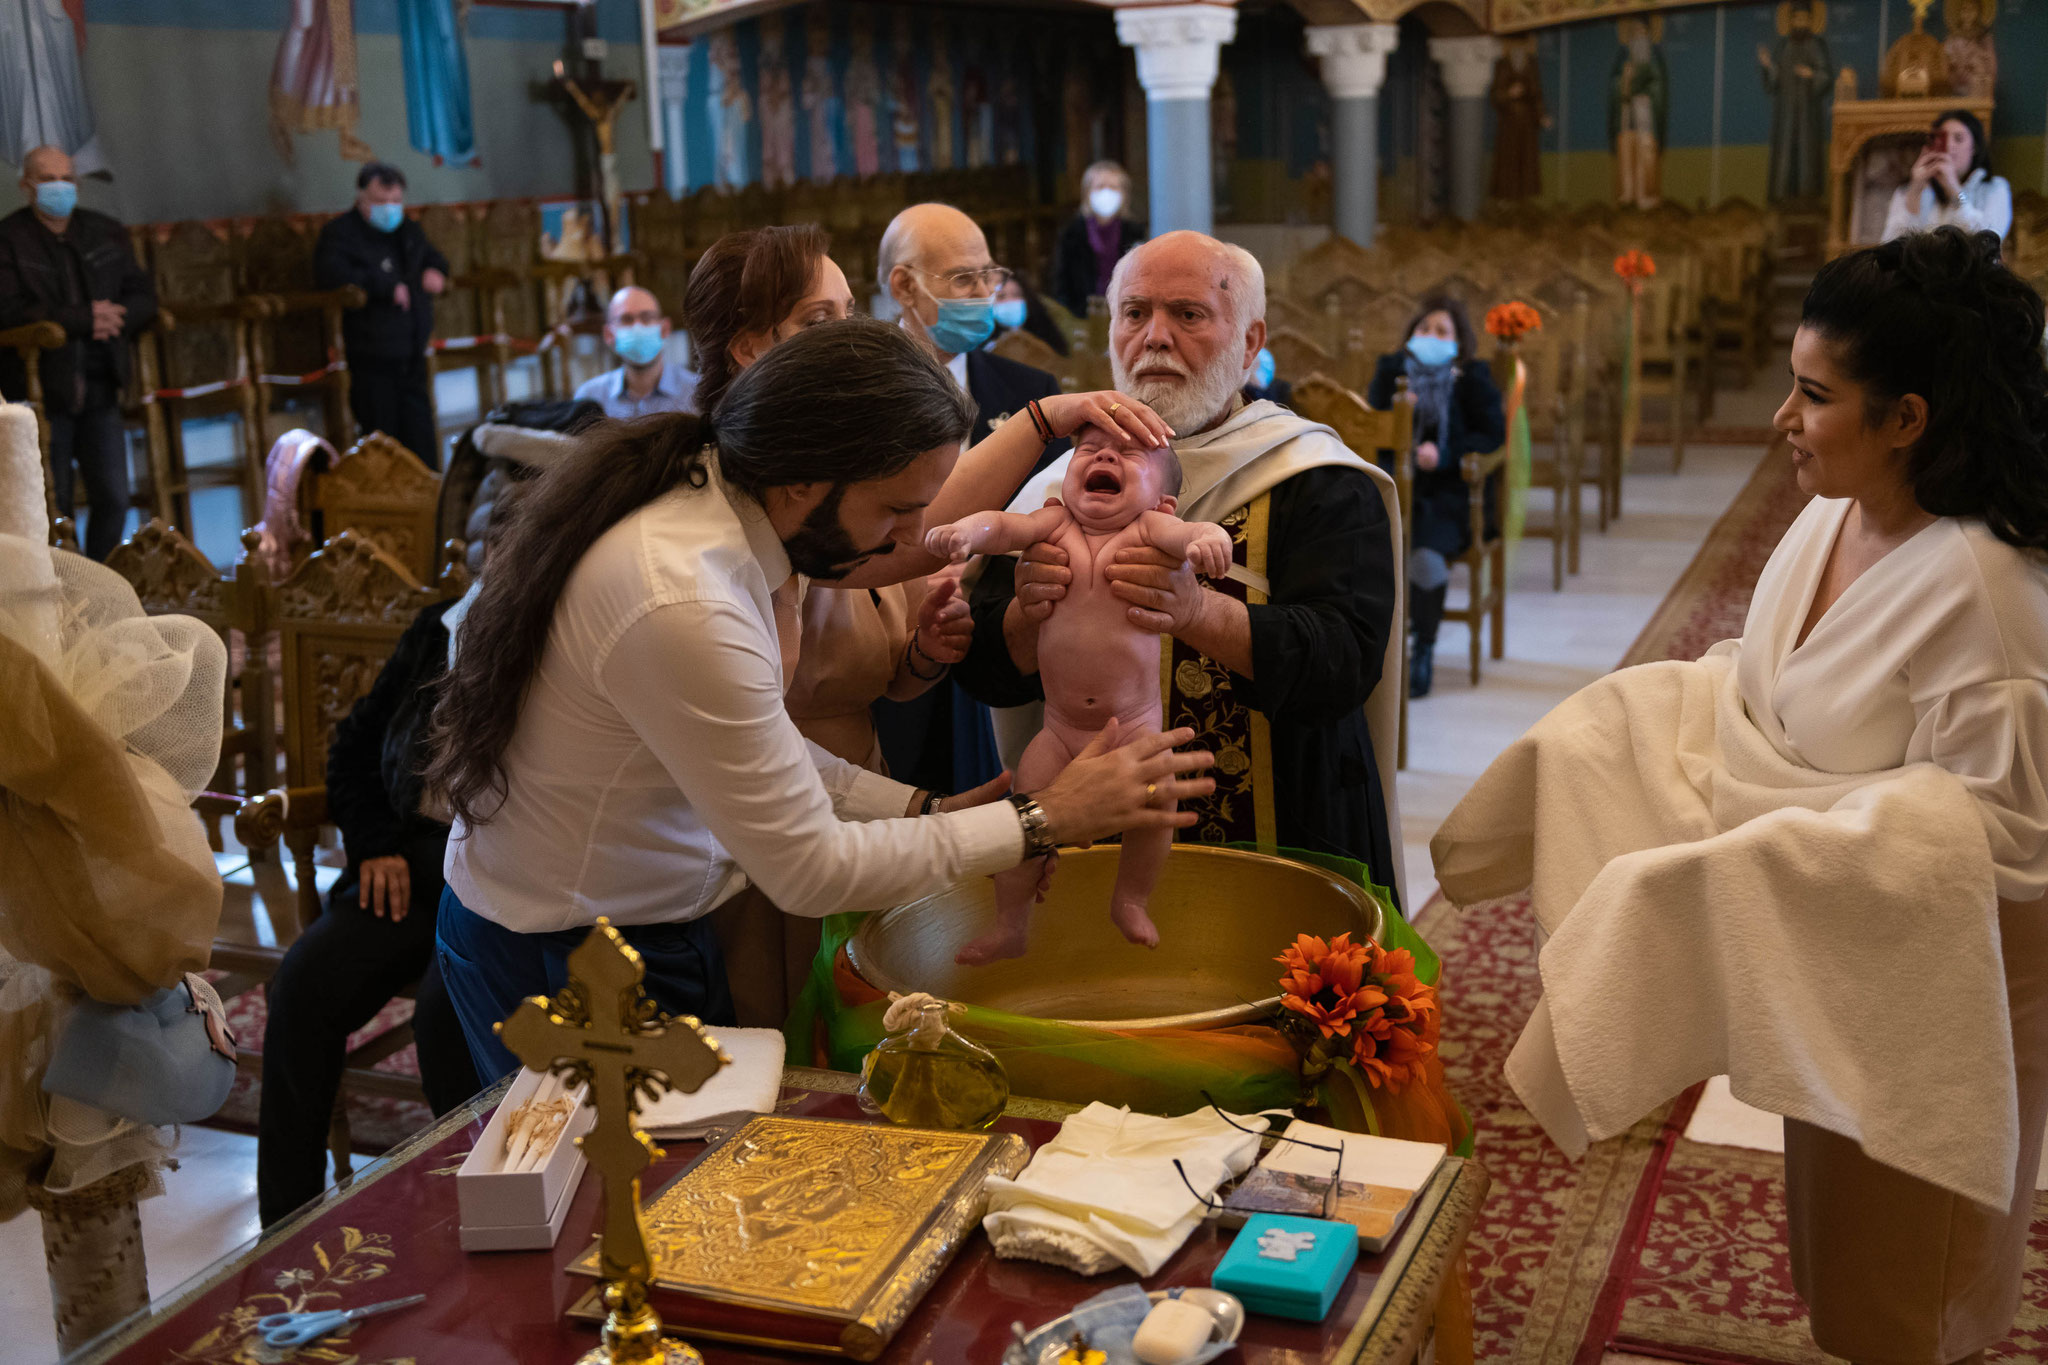 Professionelles Kamerateam für griechische orthodoxe Taufe in Wiesbaden